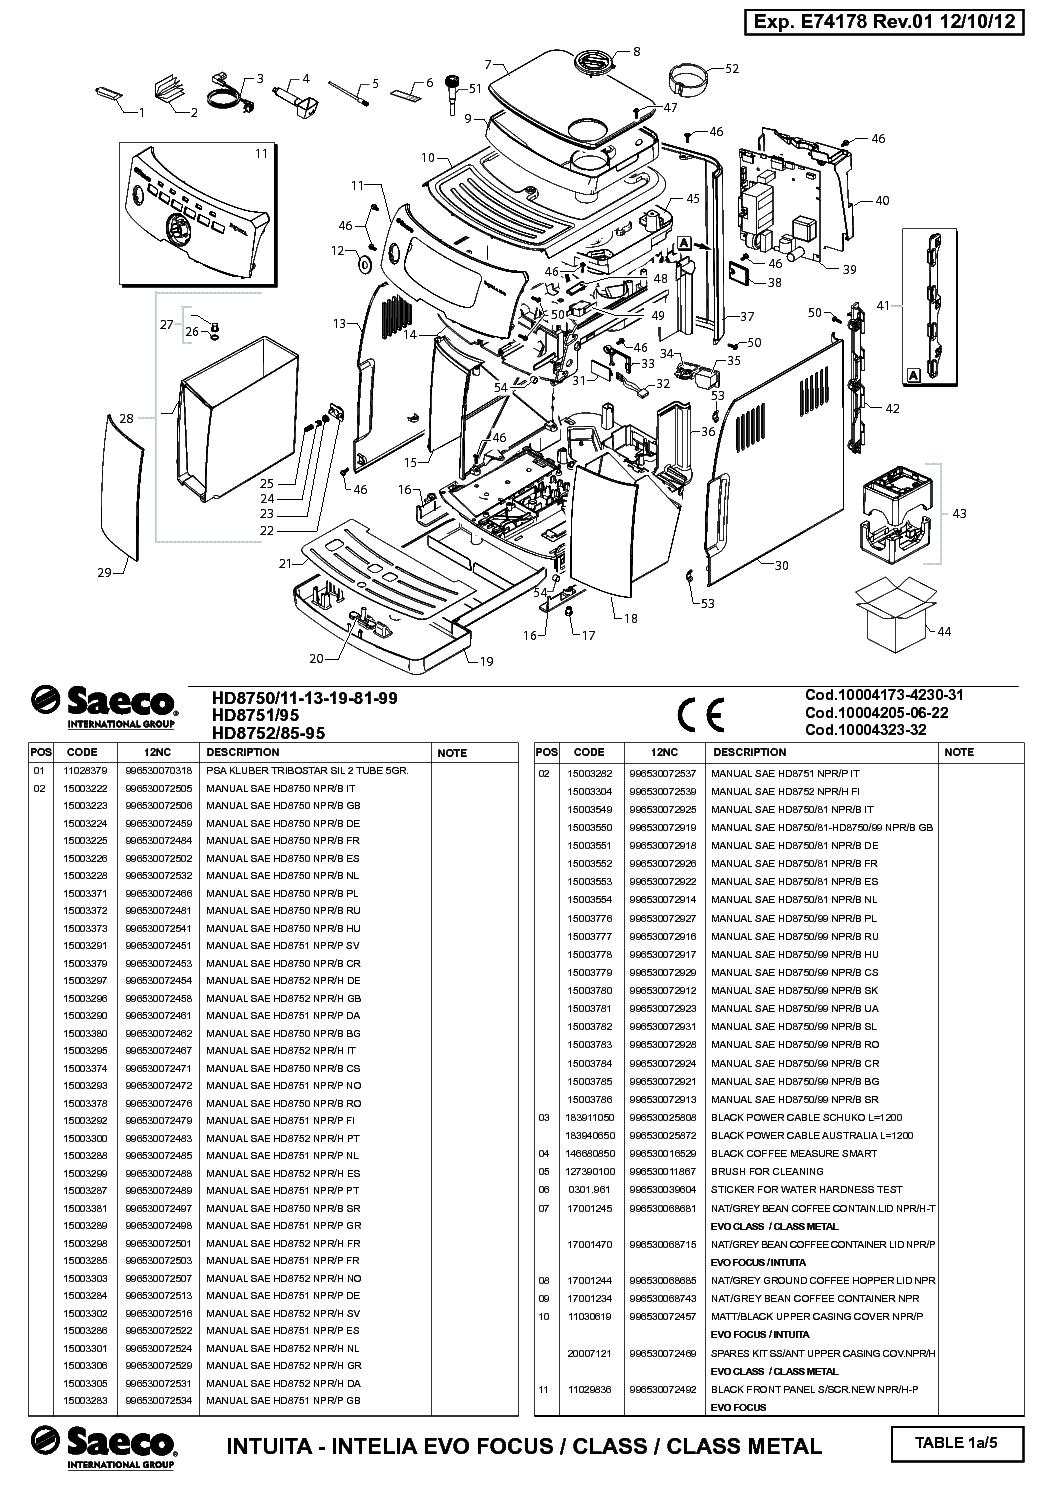 PHILIPS SAECO HD8750 HD8751 HD8752 ESPRESSO MAKER Service